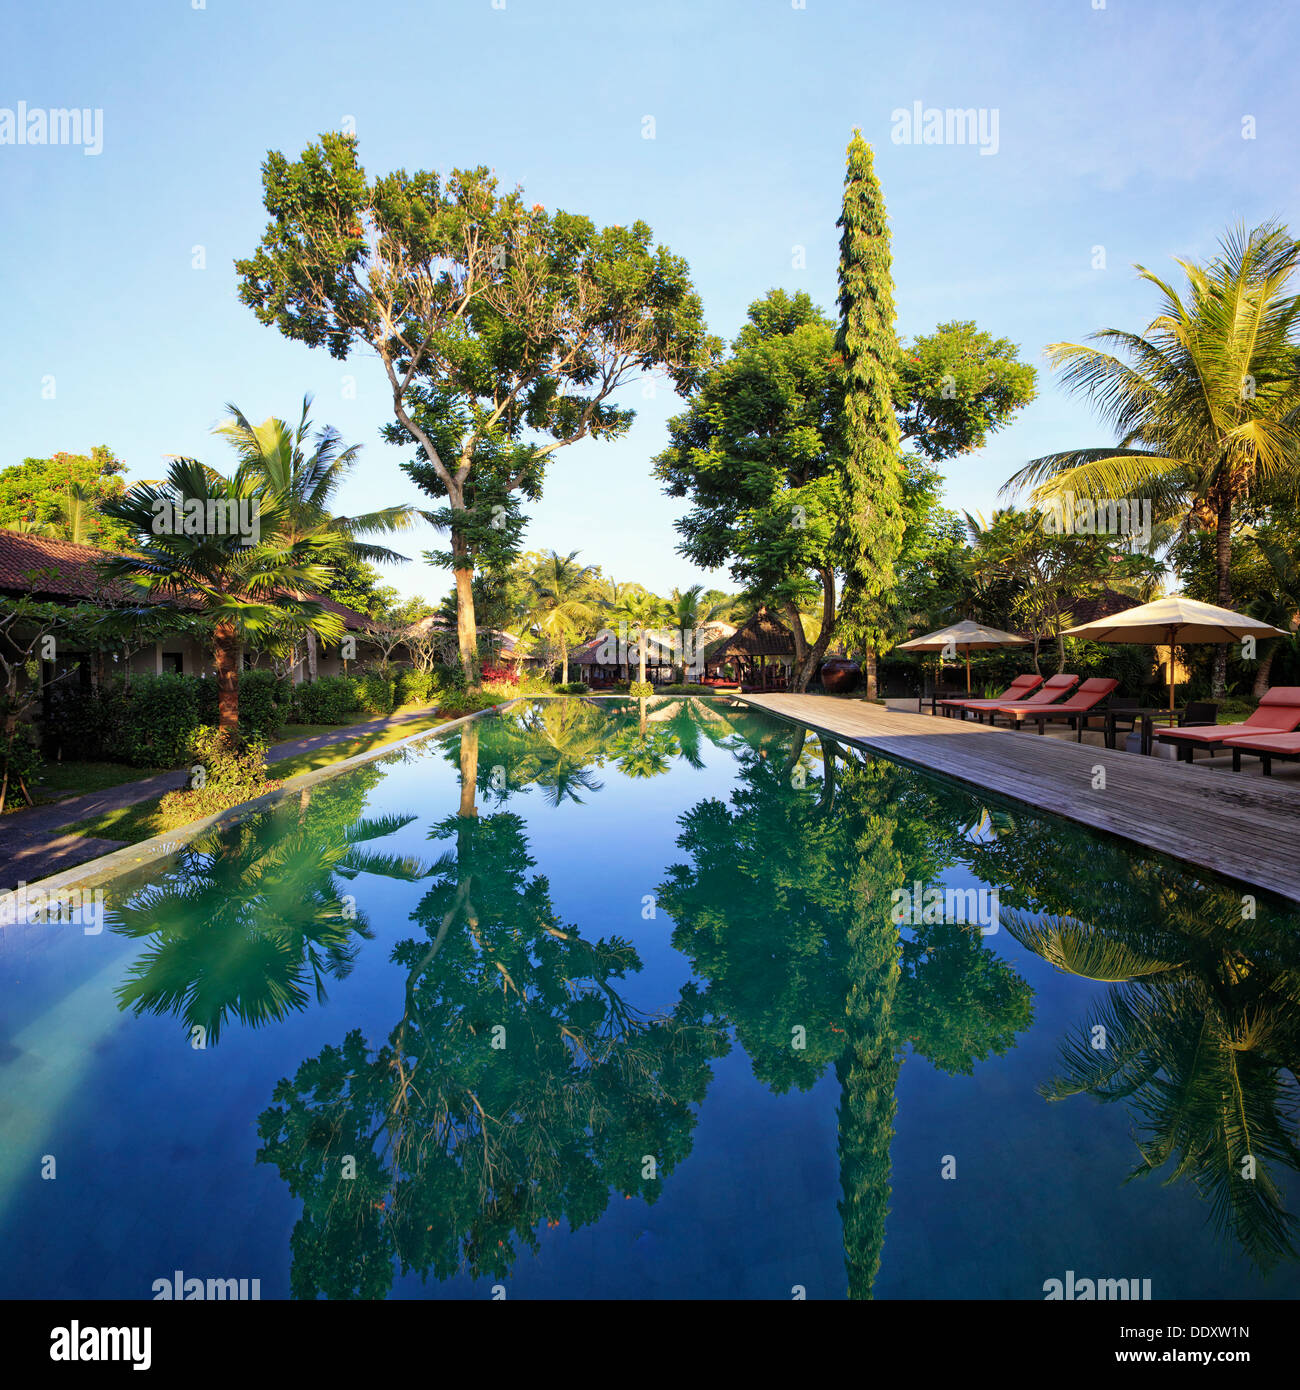 Indonesia, Bali, Ubud, Boutique Resort Imagen De Stock